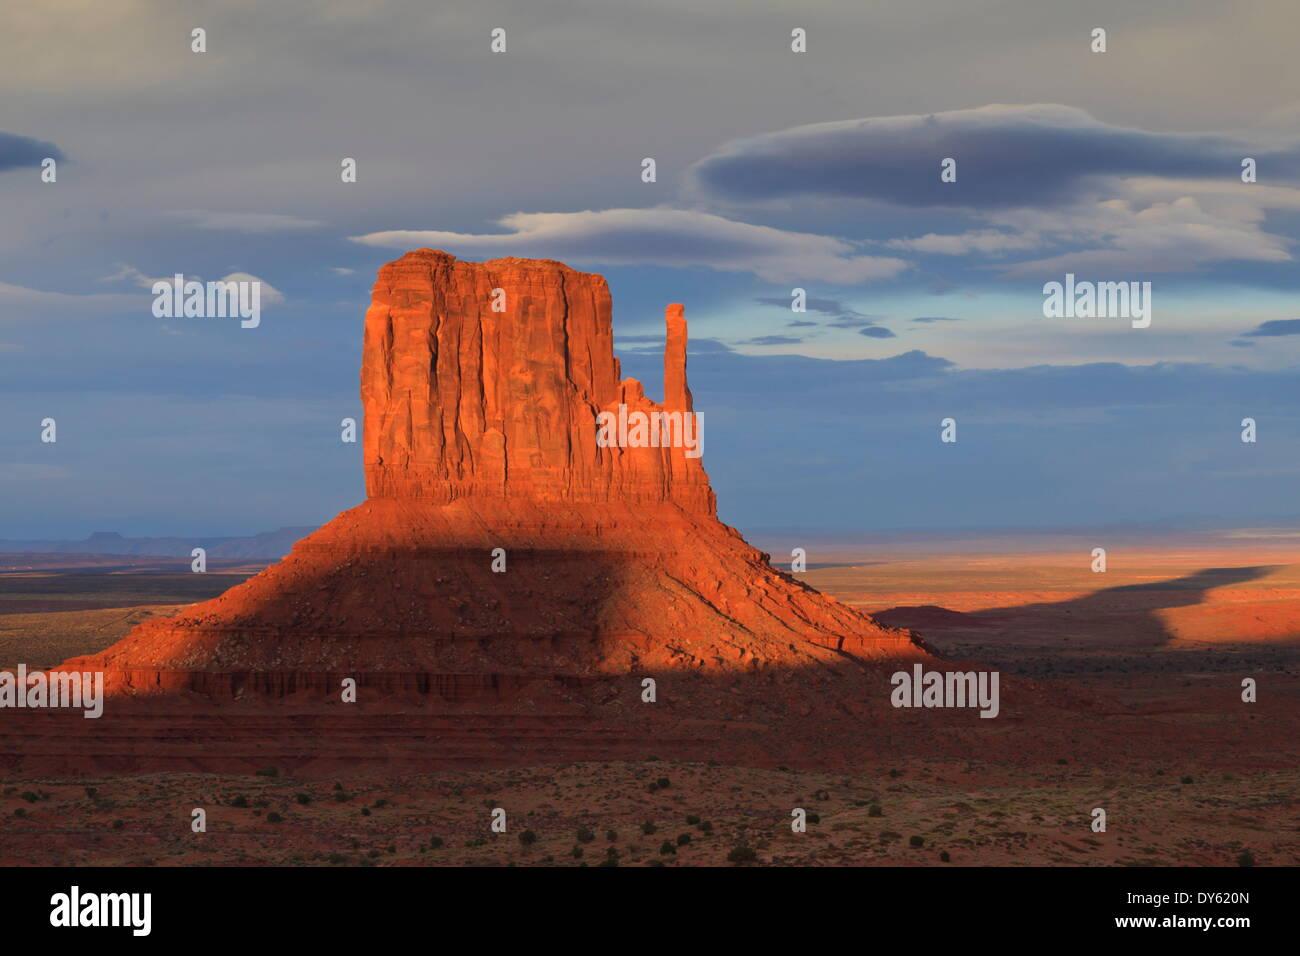 Einer der die Handschuhe in der Abenddämmerung wirft einen langen Schatten, Monument Valley Navajo Tribal Park, Utah und Arizona Grenze, USA Stockbild